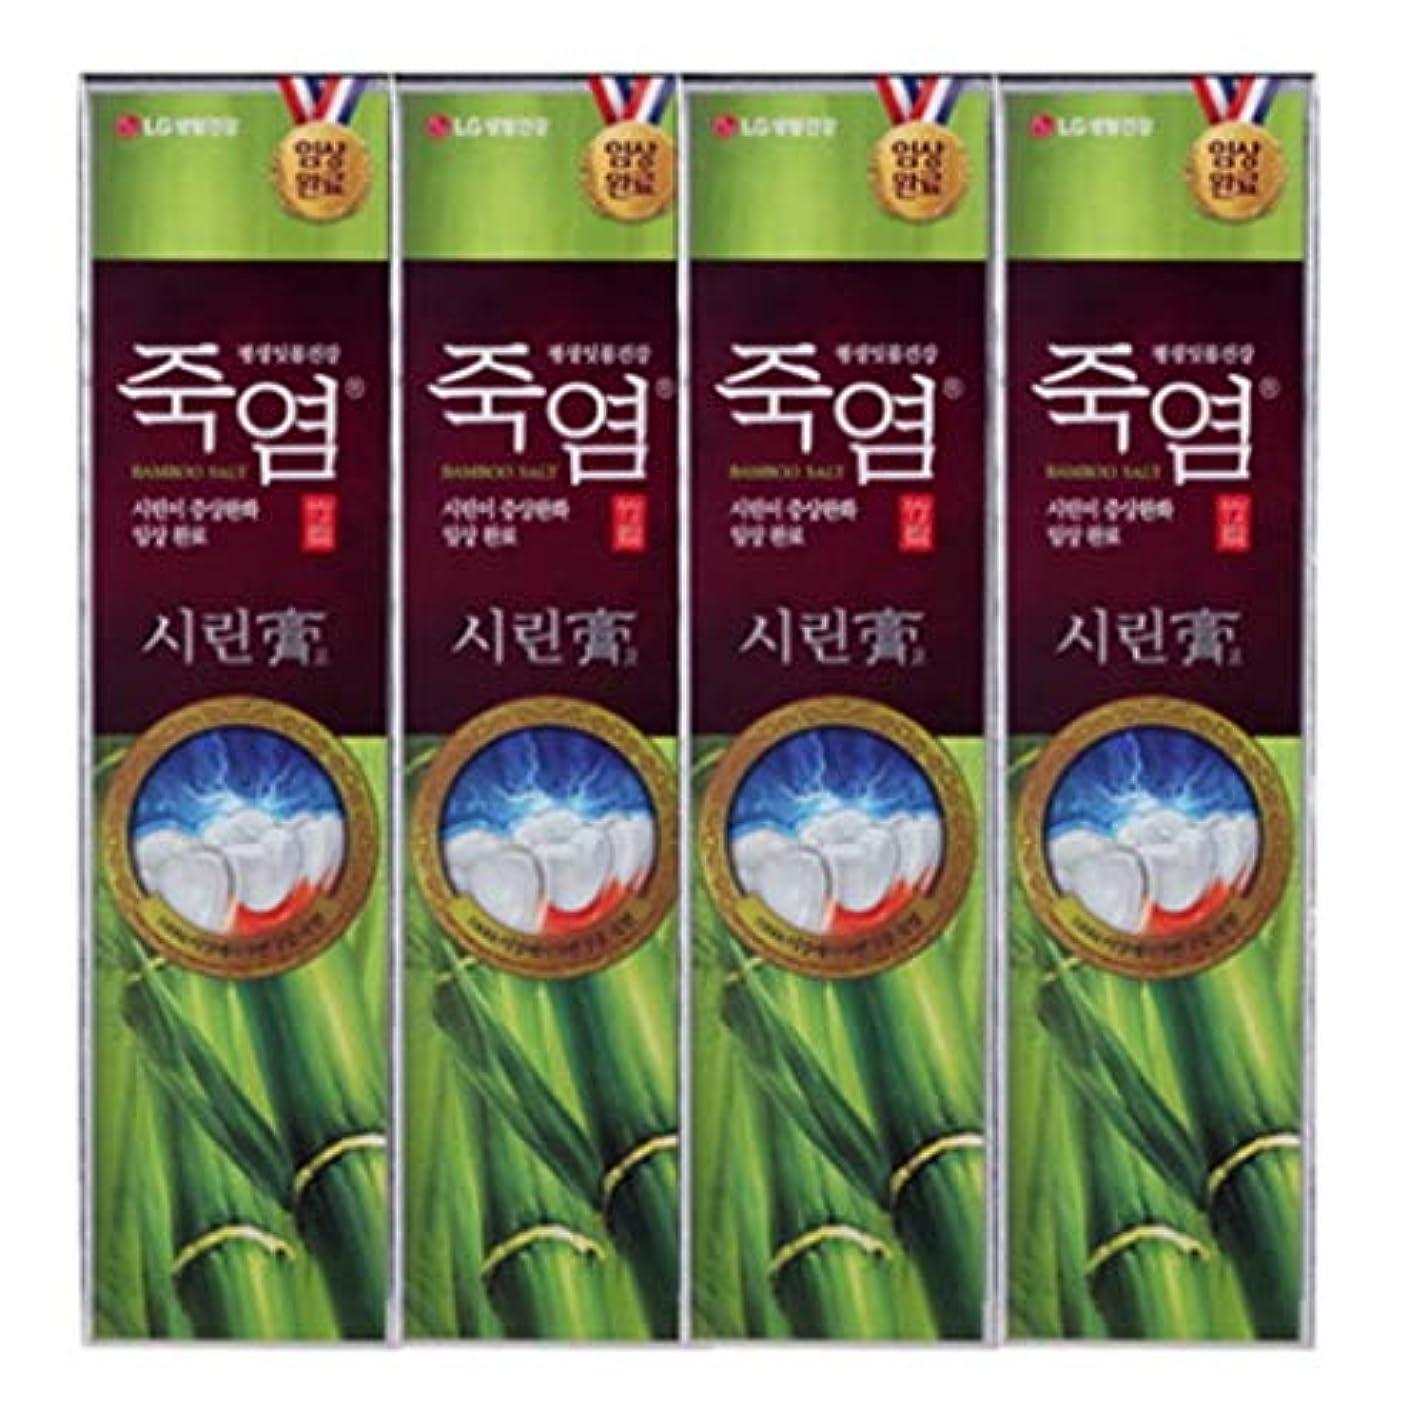 本質的ではない政治家の無駄[LG Care/LG生活健康]竹塩歯磨き粉つぶれて歯茎を健康に120g x4ea/歯磨きセットスペシャル?リミテッドToothpaste Set Special Limited Korea(海外直送品)